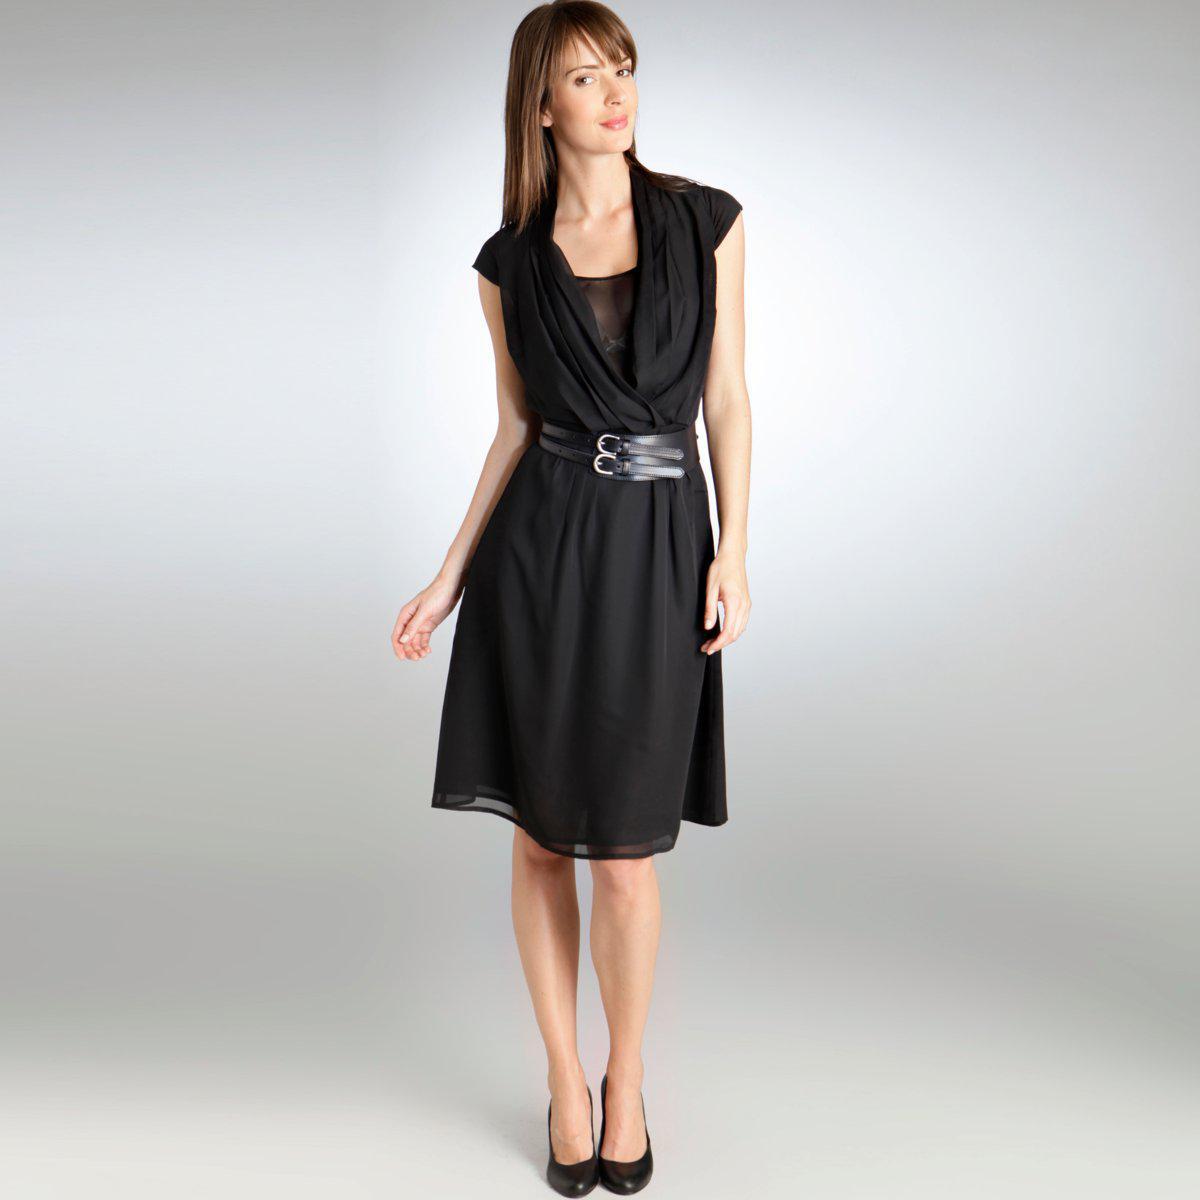 0f71d4bfa14c Βραδυνα Φορεματα LaRedoute Φθινόπωρο 2011 Κωδ. 324213002